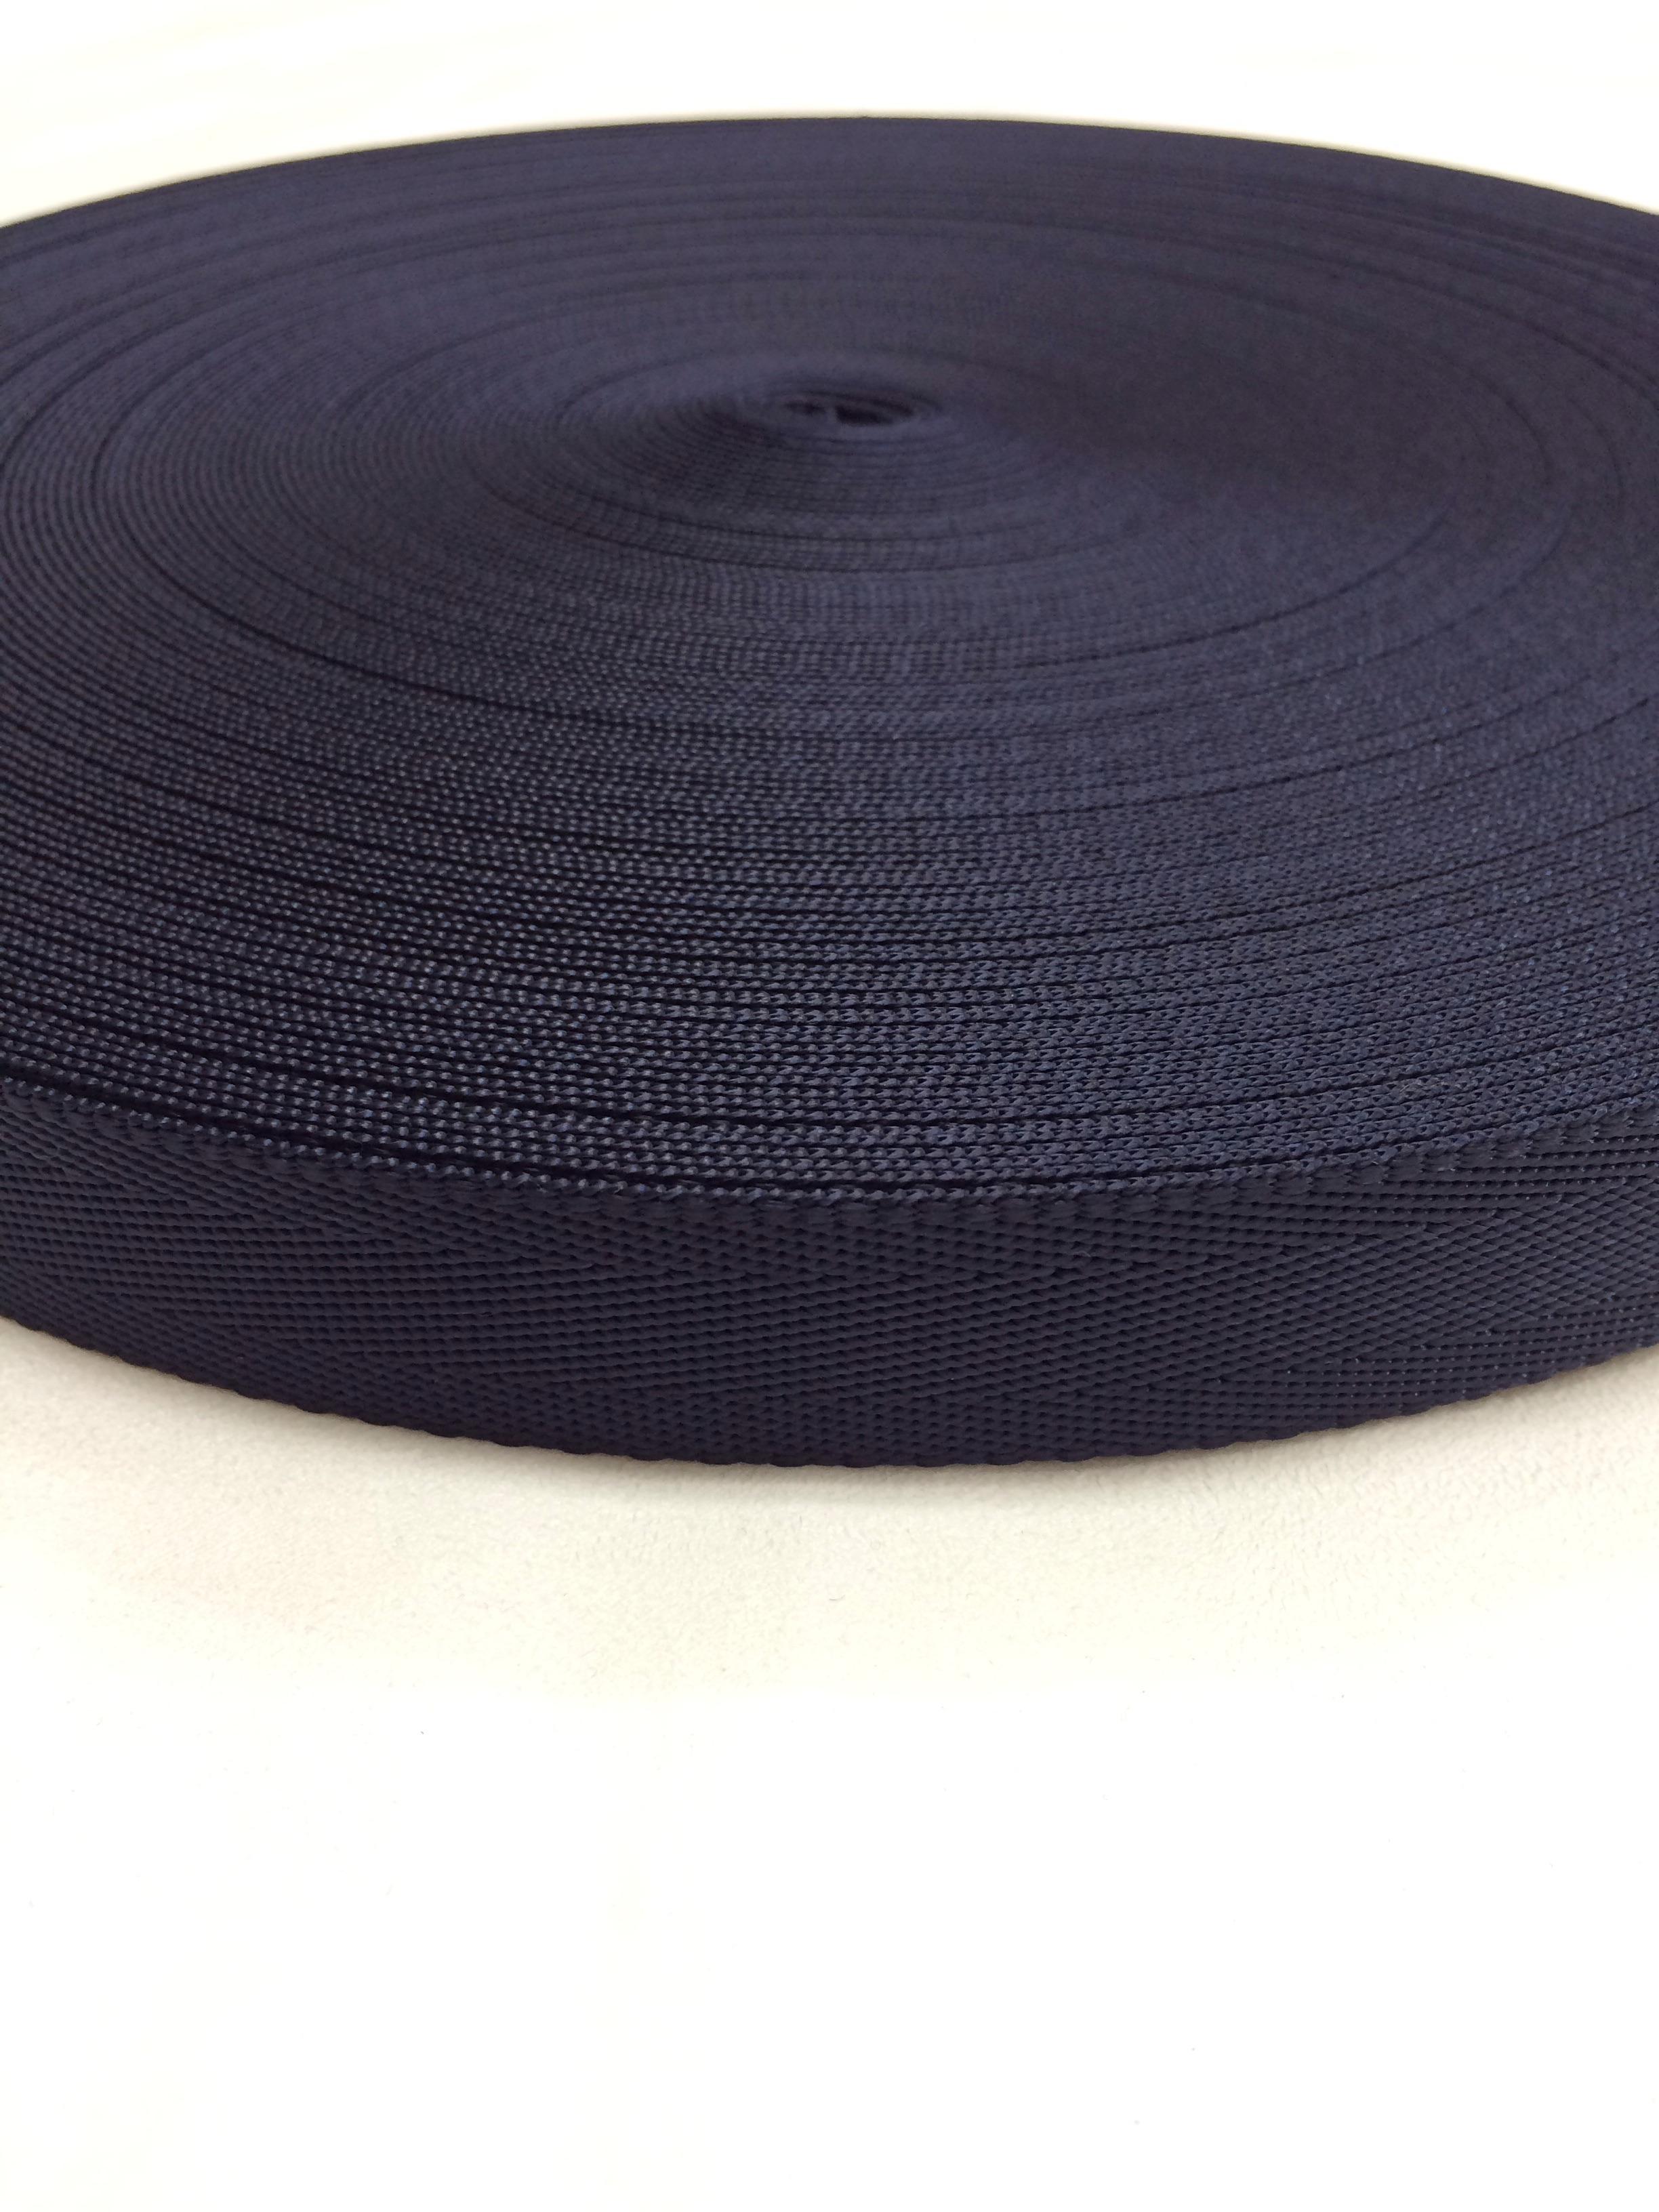 ナイロンテープ シート織 25mm幅 1.3mm厚 カラー(黒以外) 5m